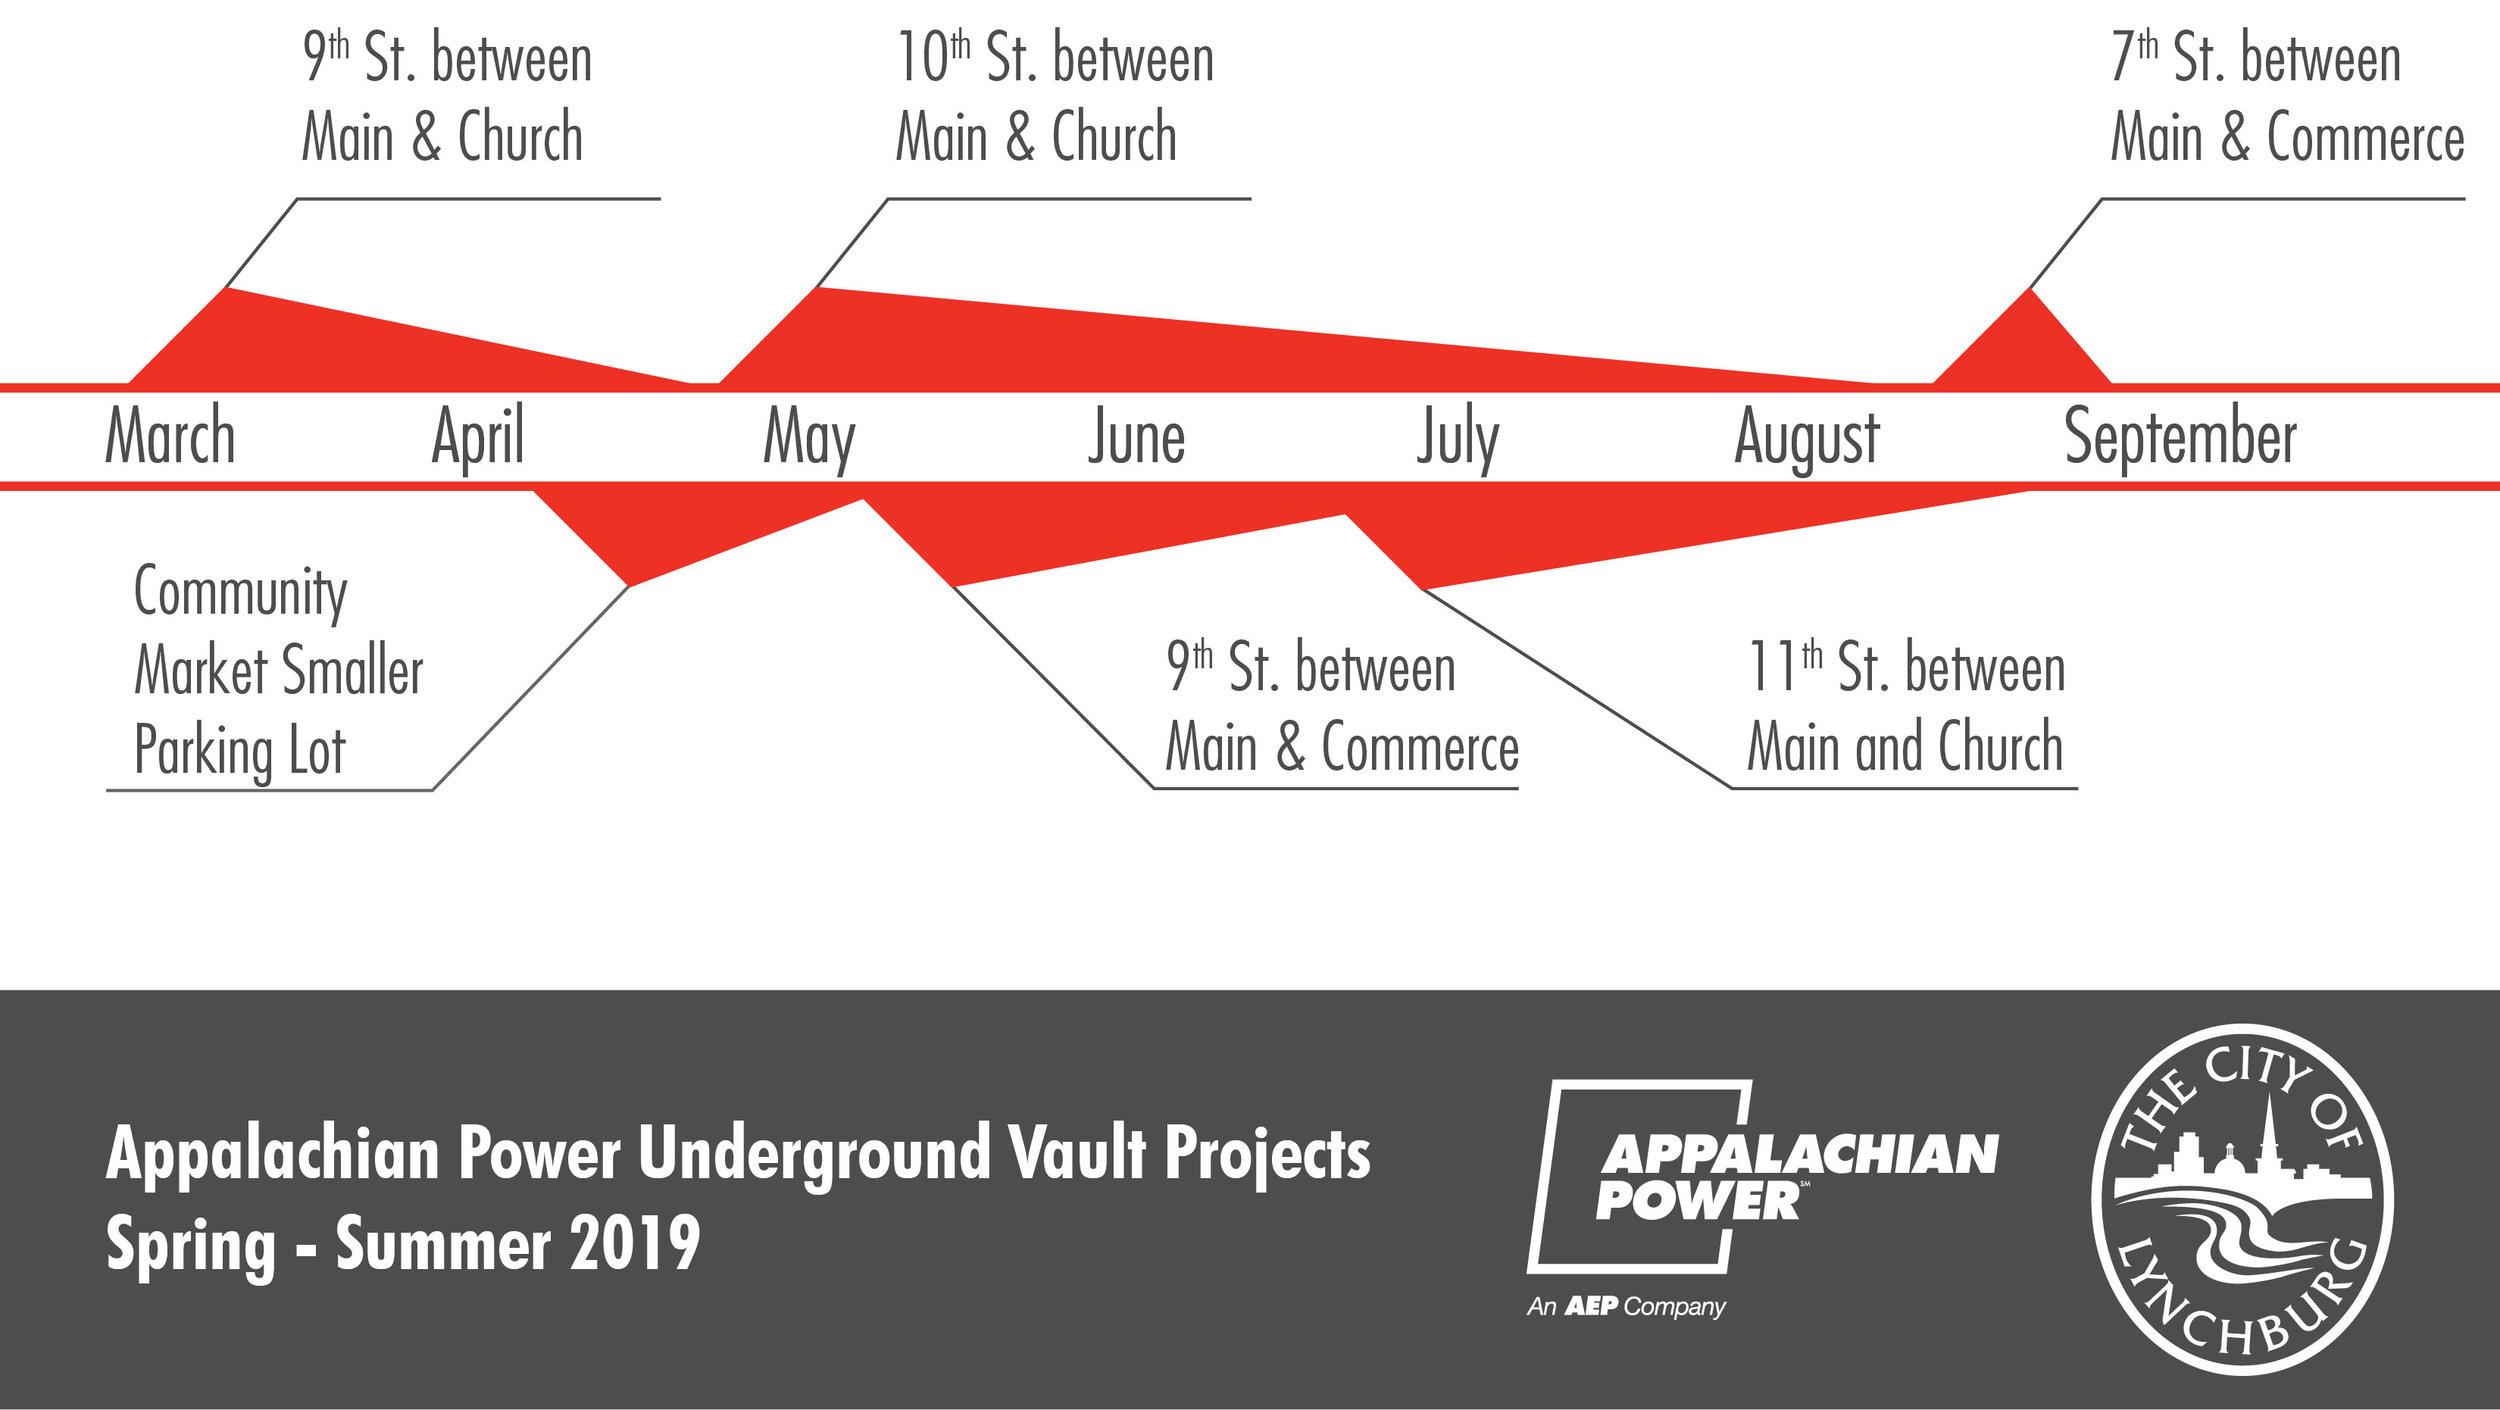 19 0322 Image - Downtown Underground Vault Work Schedule.jpg